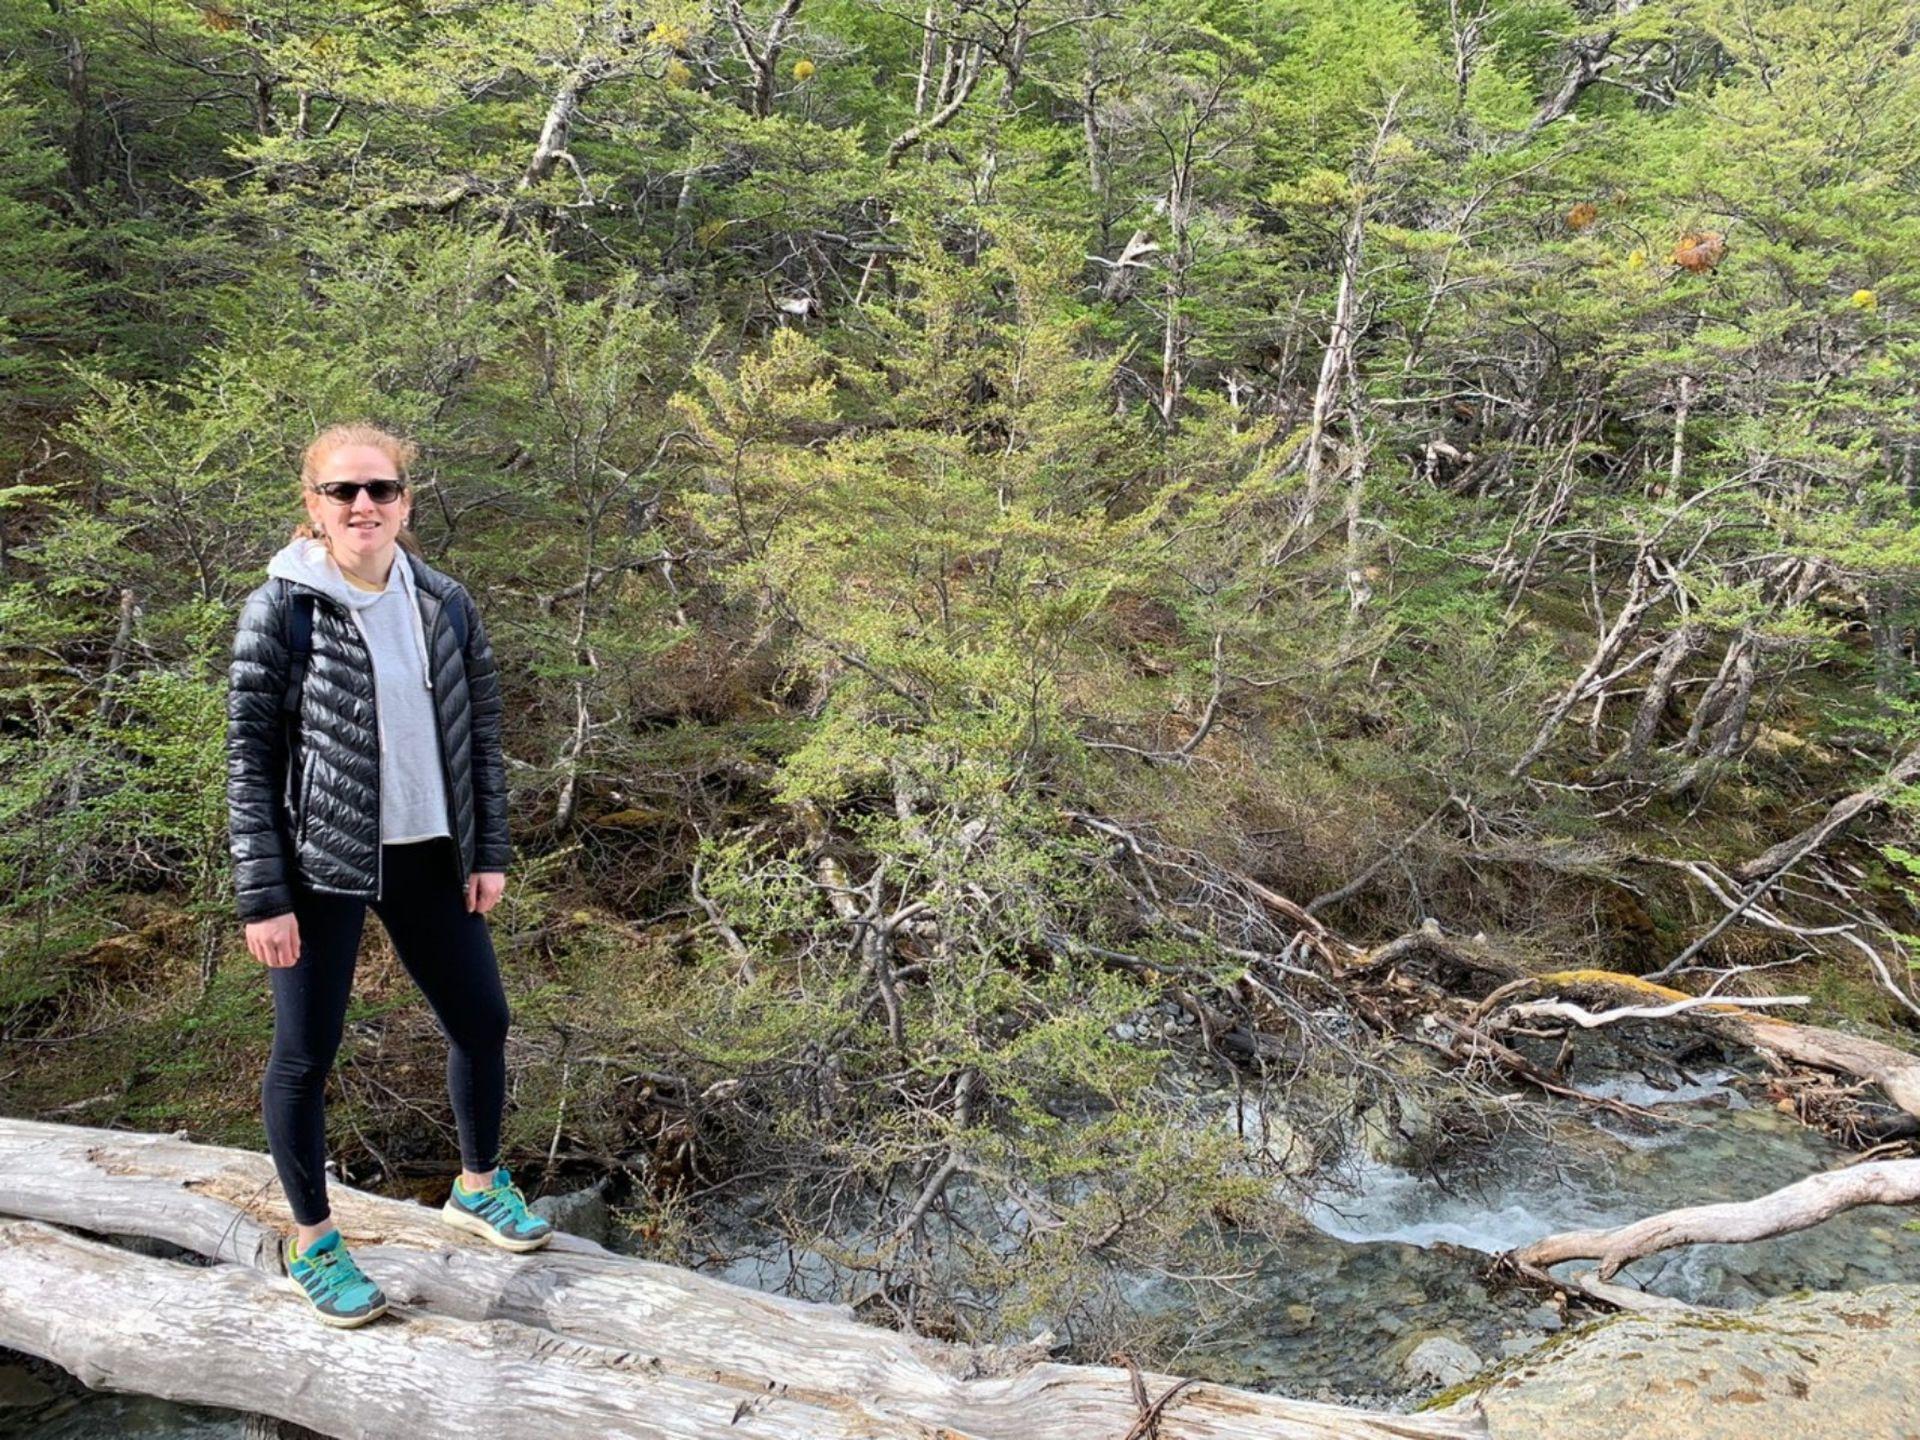 Ana se fortaleció en el contacto con la naturaleza realizando trekking, yoga, snowboard, remo y esquí.